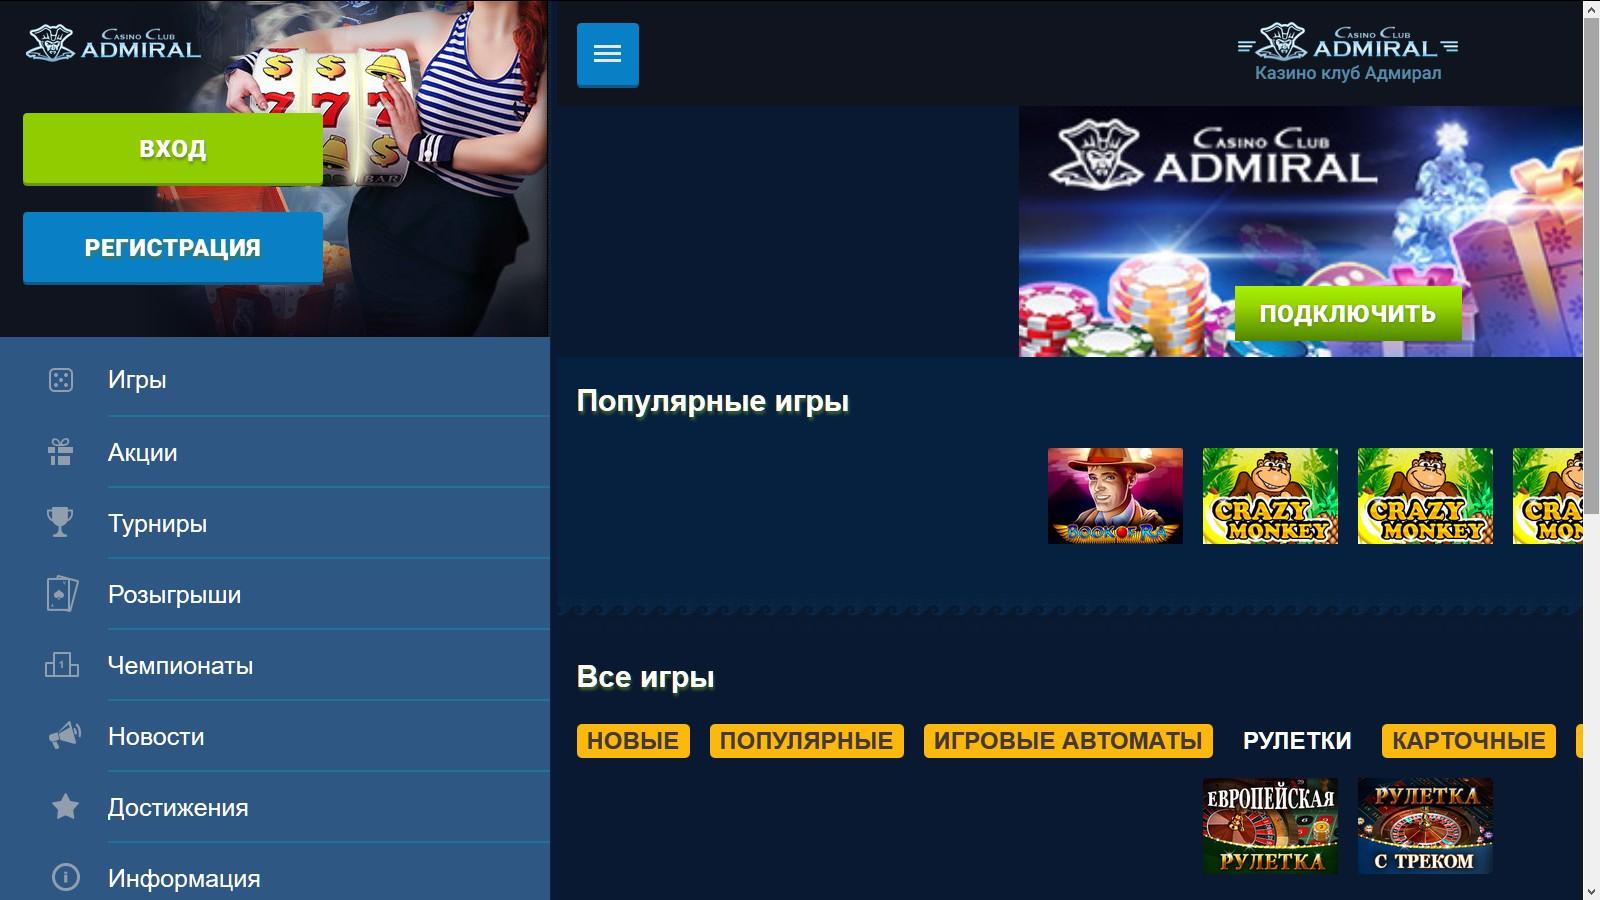 Ассортимент азартных развлечений